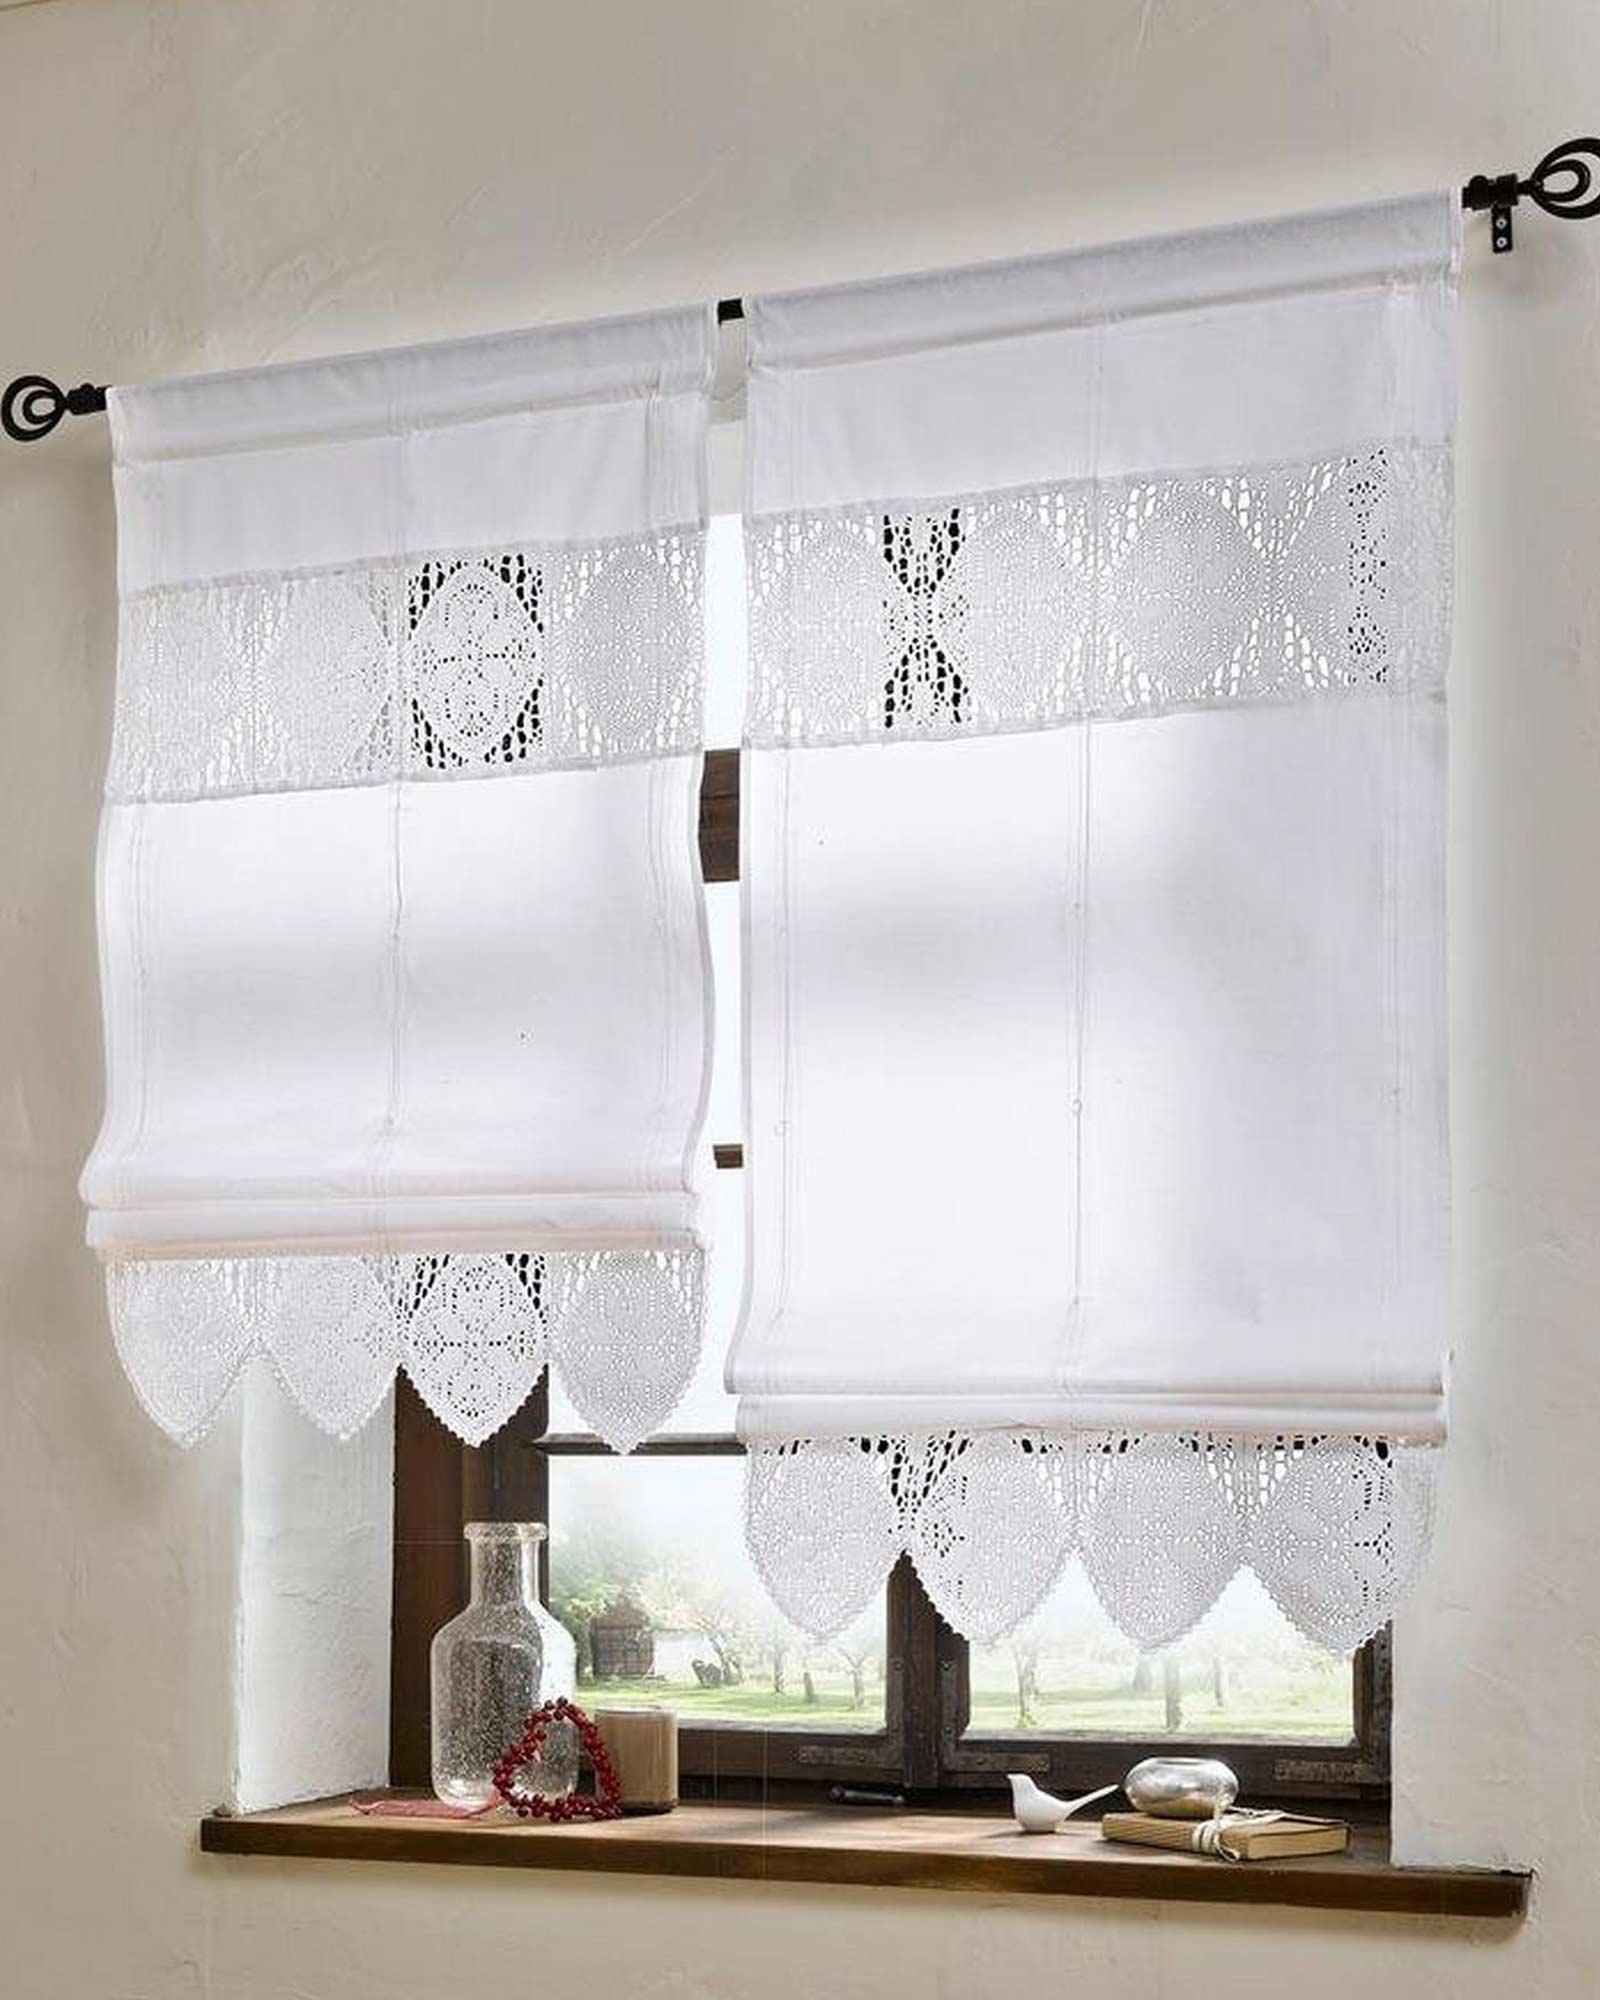 Fantastisch Fensterdekoration Gardinen Beispiele Bestand An Wohndesign Dekor